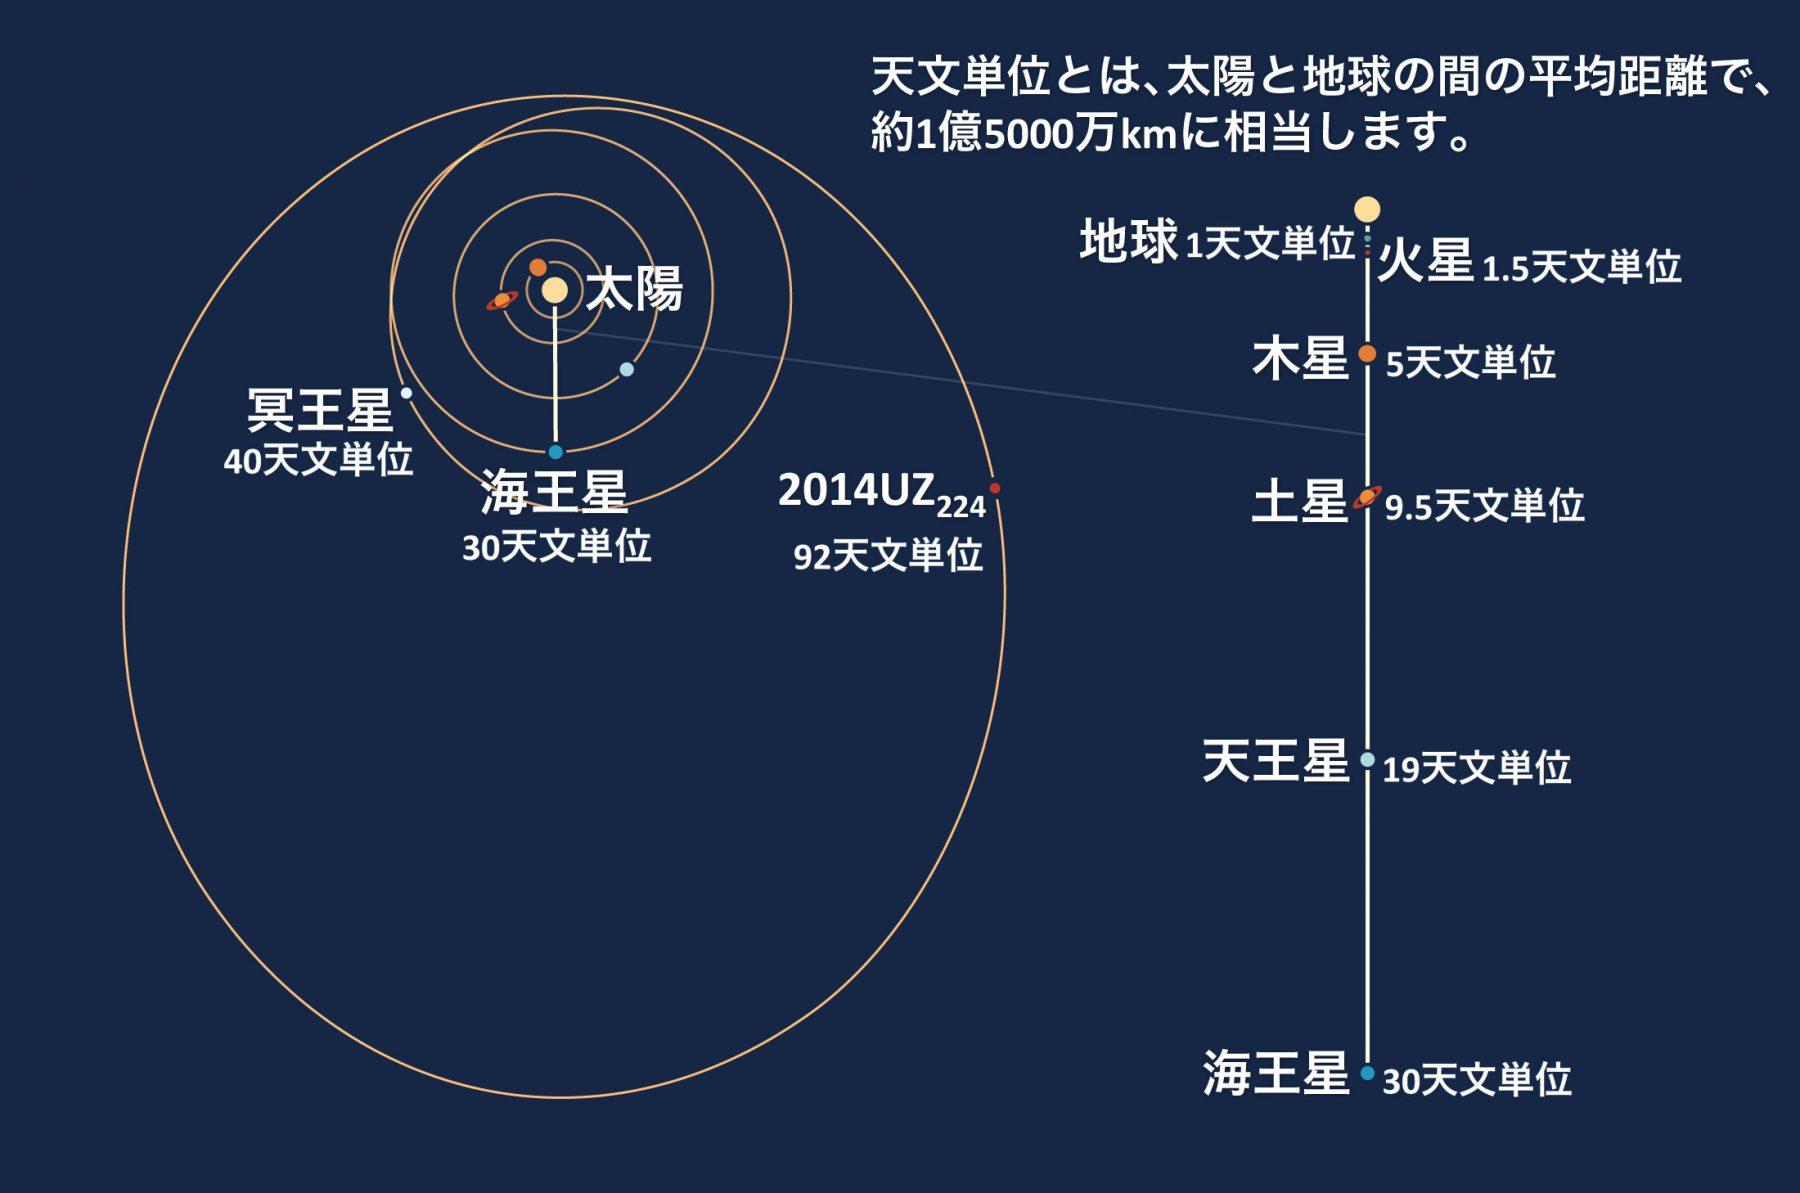 2014UZ224軌道図日本語